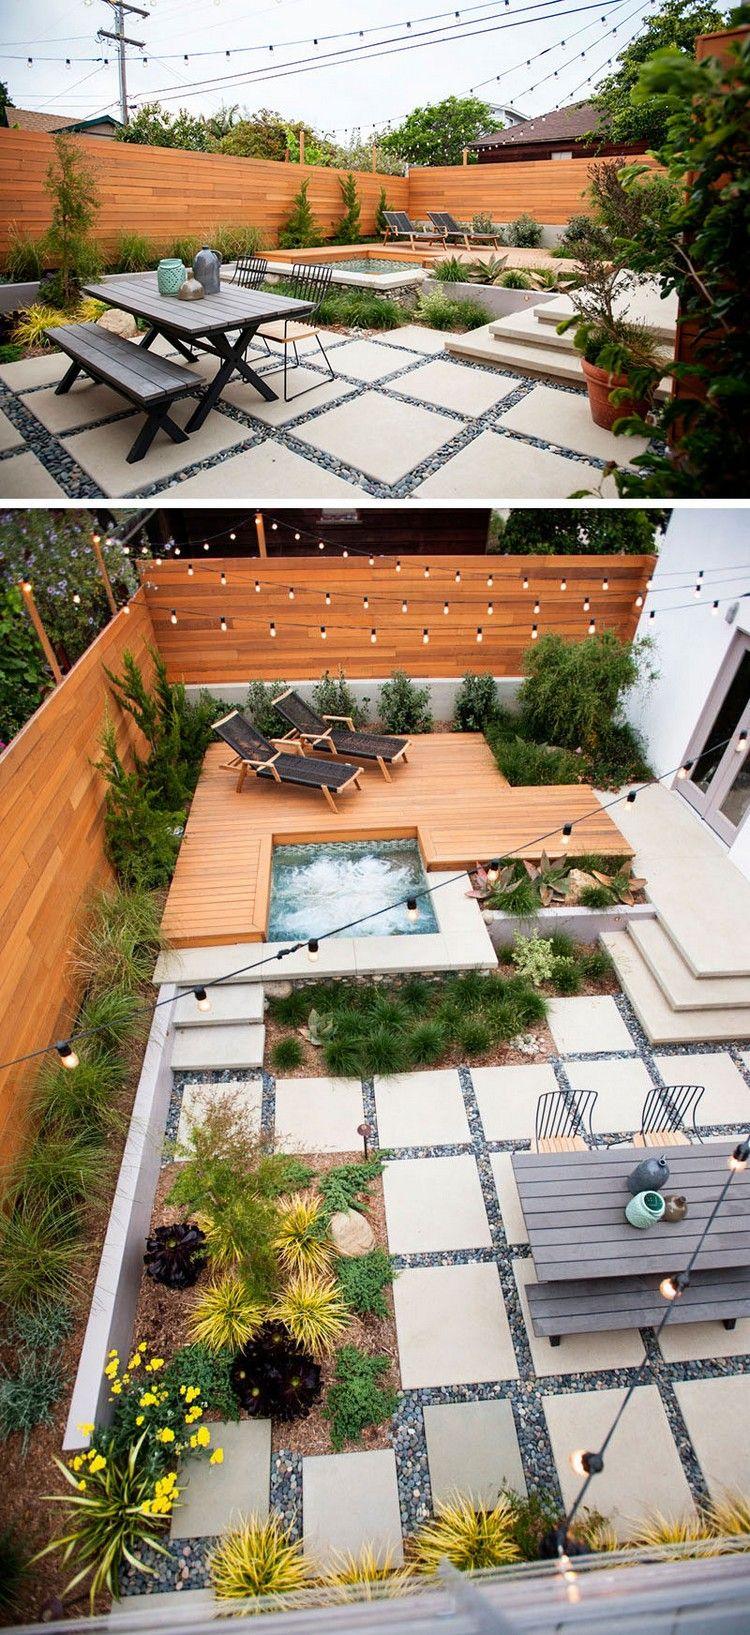 Amenagement Exterieur Terrasse Maison aménagement extérieur maison : dallage en pierre, jacuzzi à